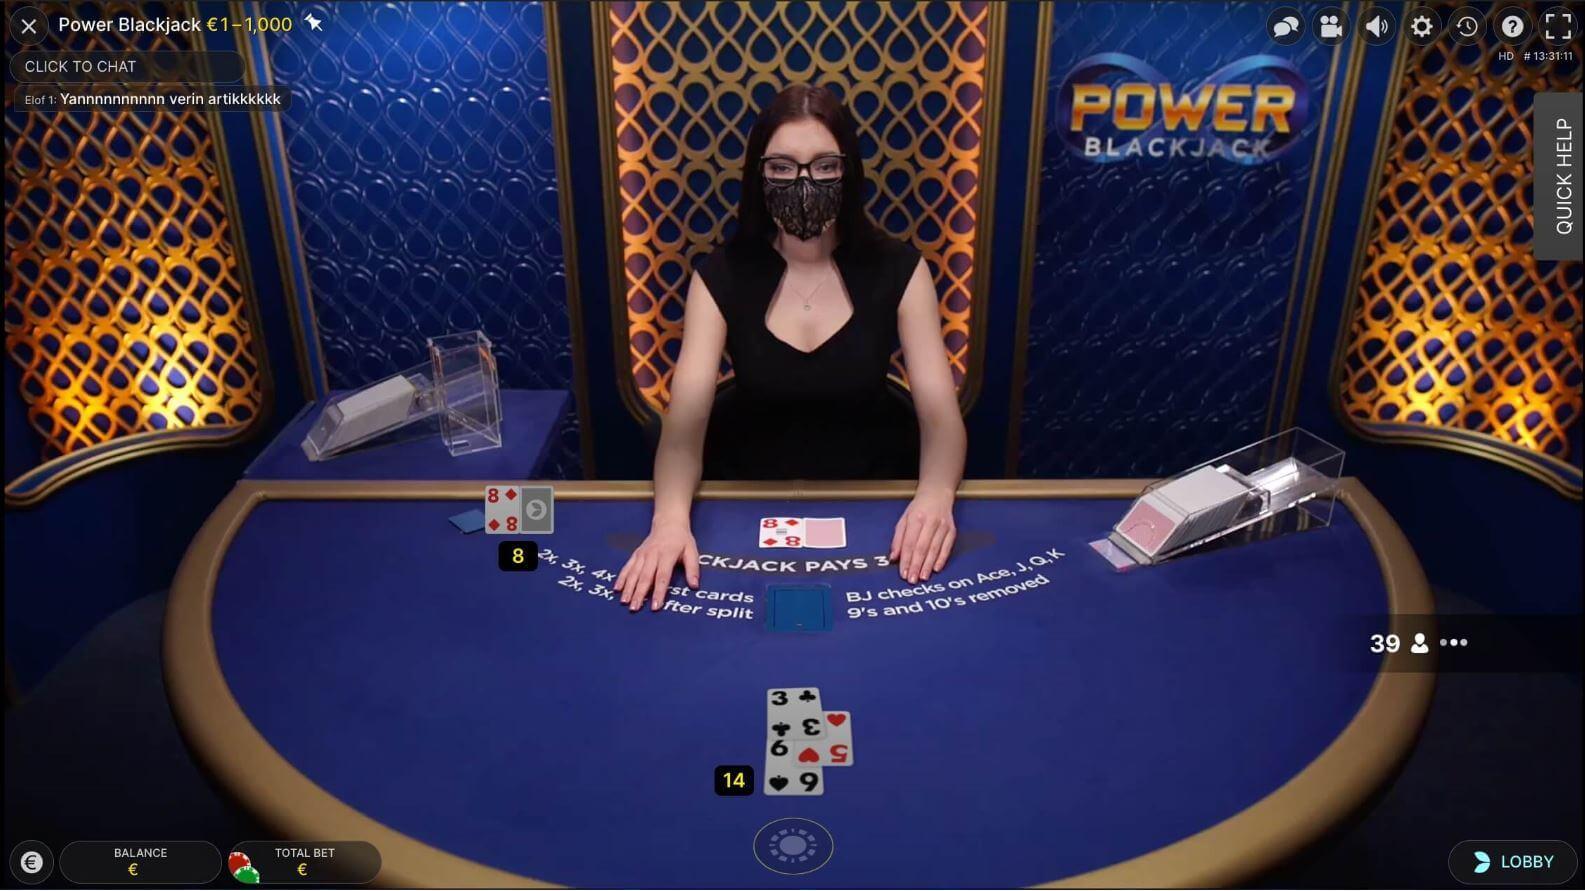 Live blackjack online - Power Blackjack by Evolution Gaming 1585x891